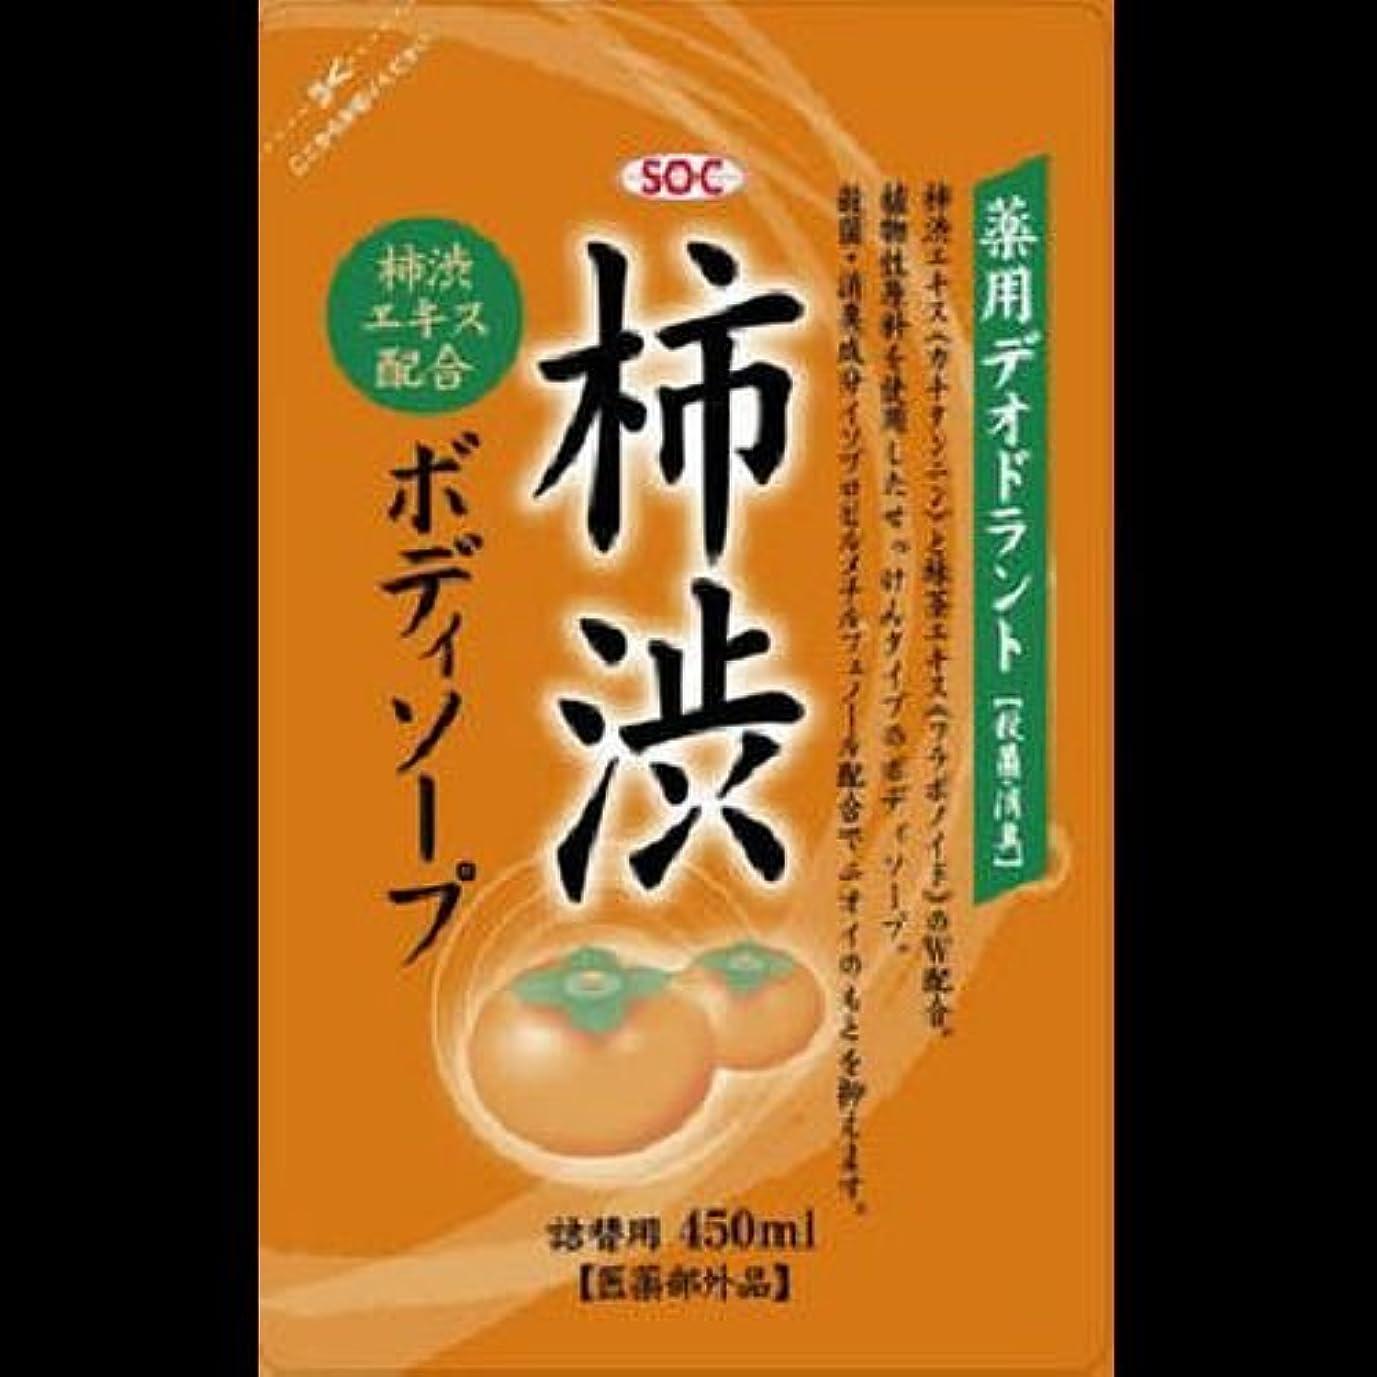 鯨インデックス嬉しいですSOC 薬用柿渋ボディソープ 詰替 450ml ×2セット